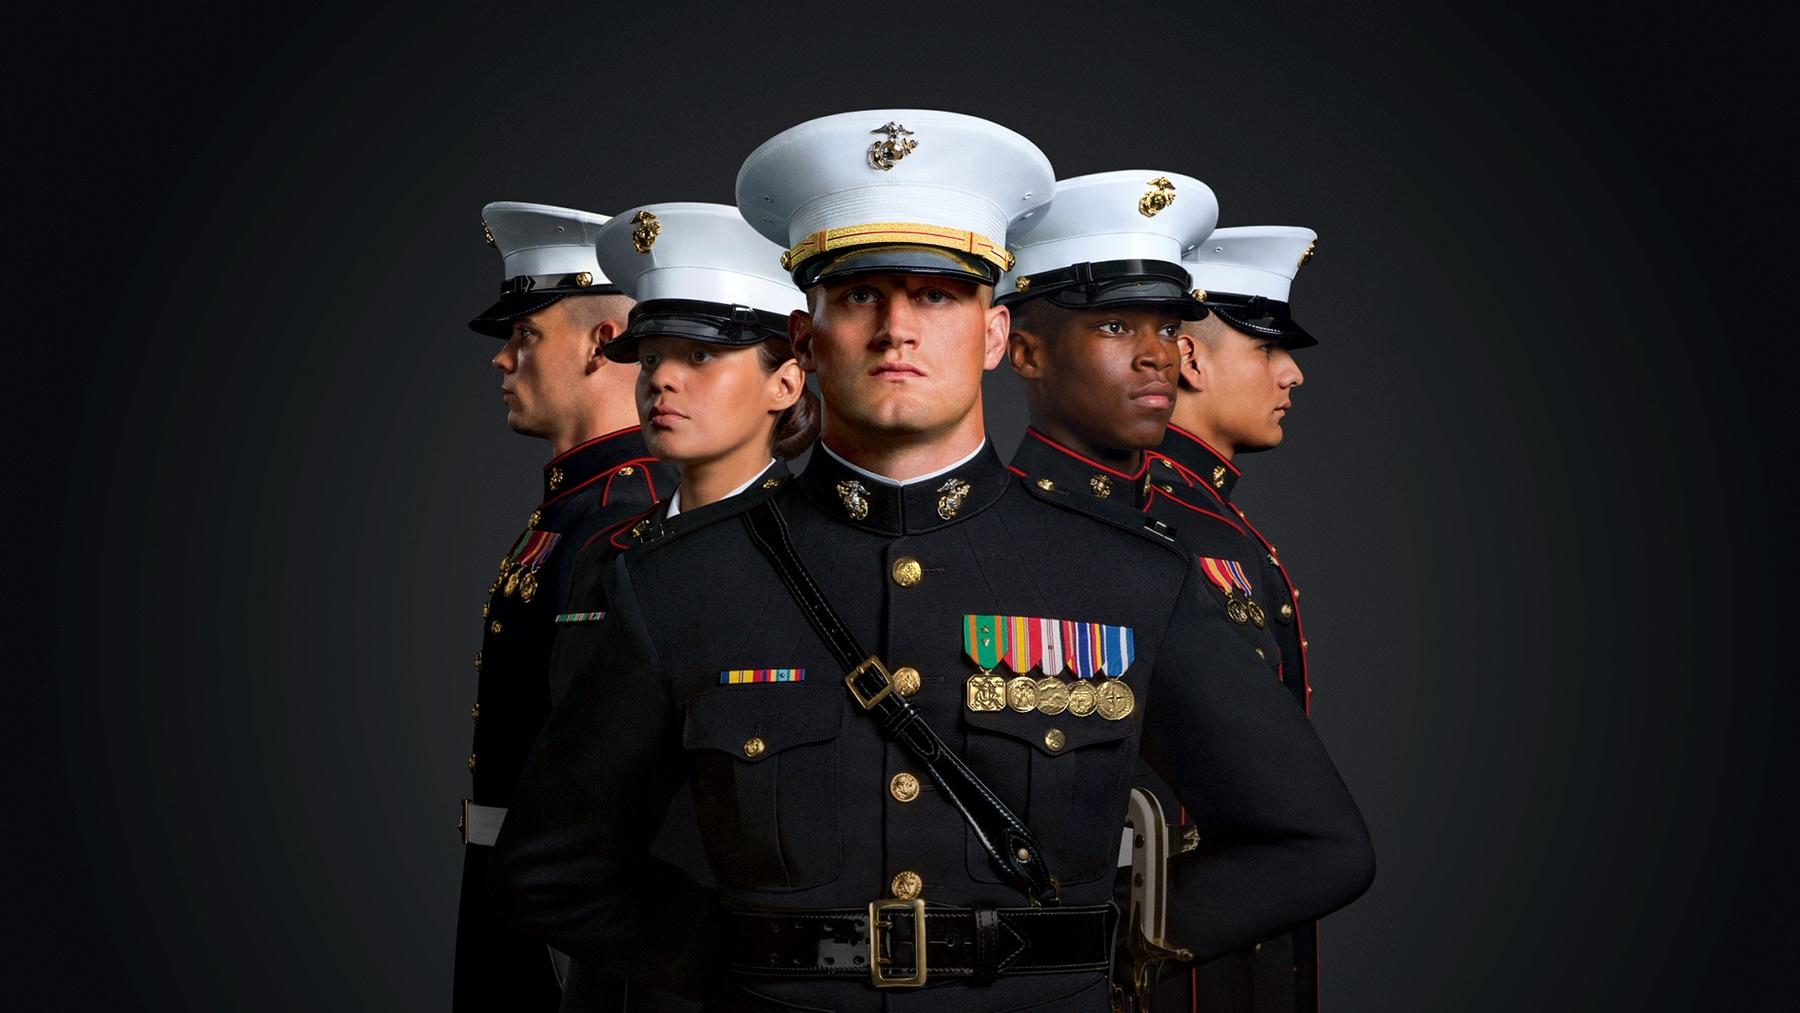 United States Marine Corps Marine Recruiting Marines